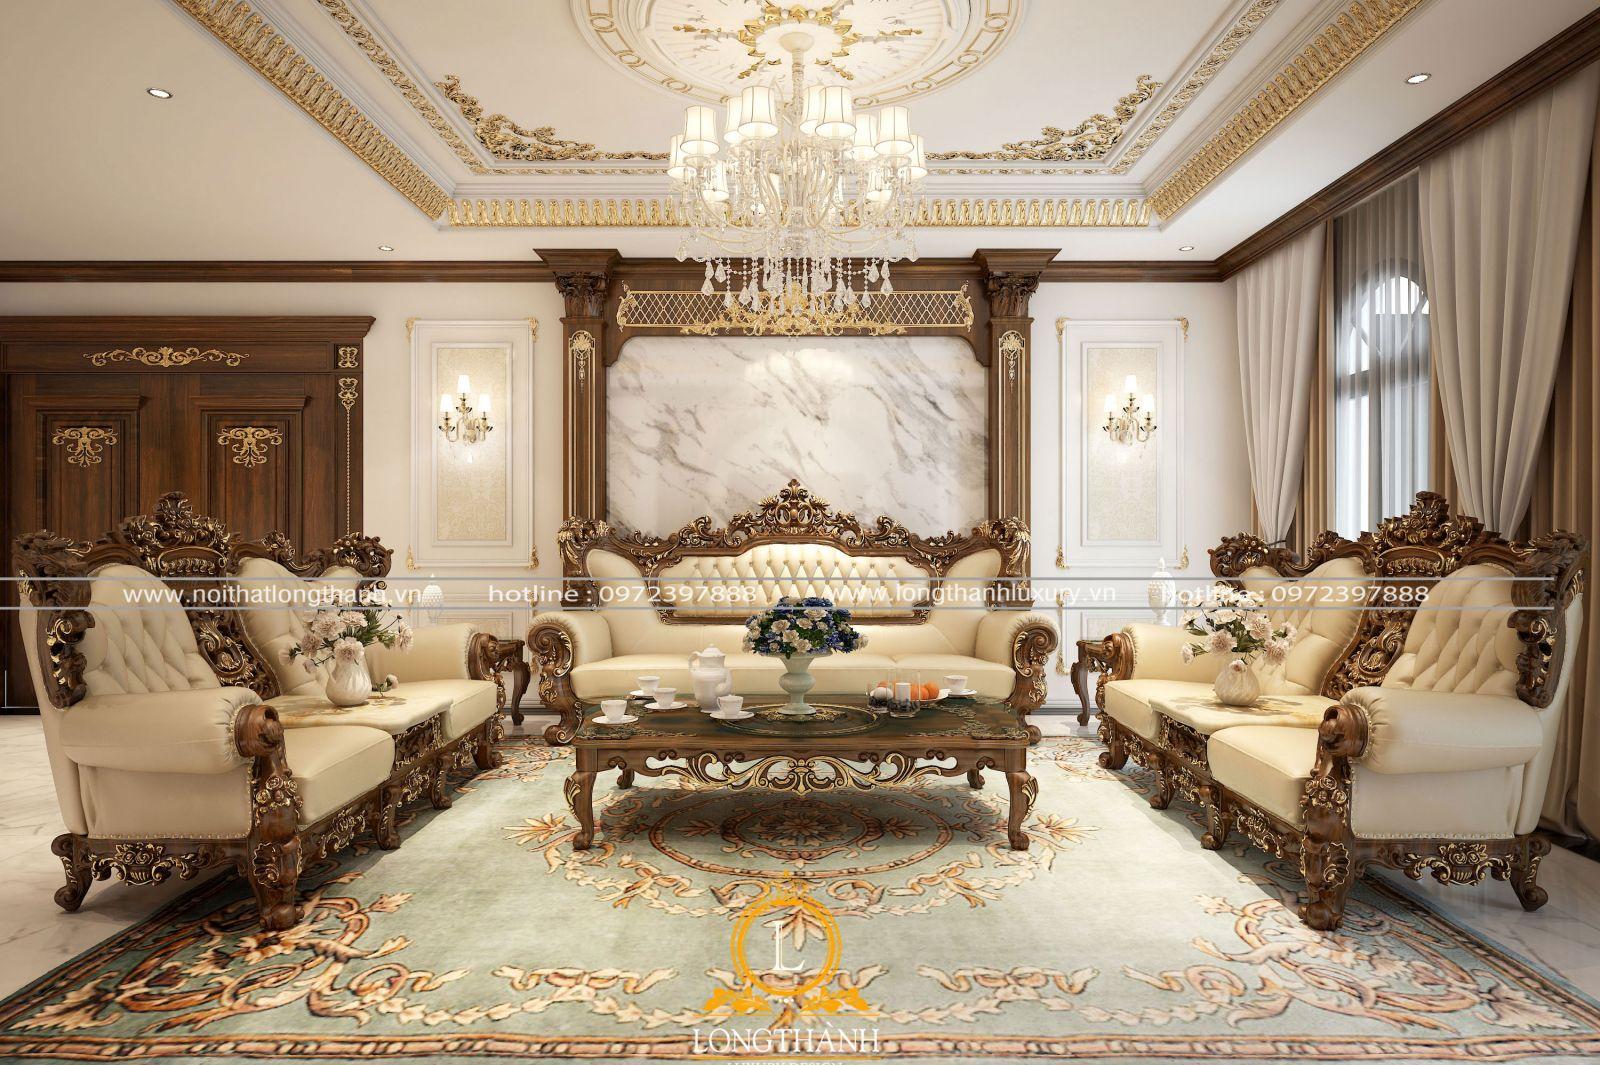 Bộ sofa phòng khách đẹp sang trọng và tinh tế trong không gian